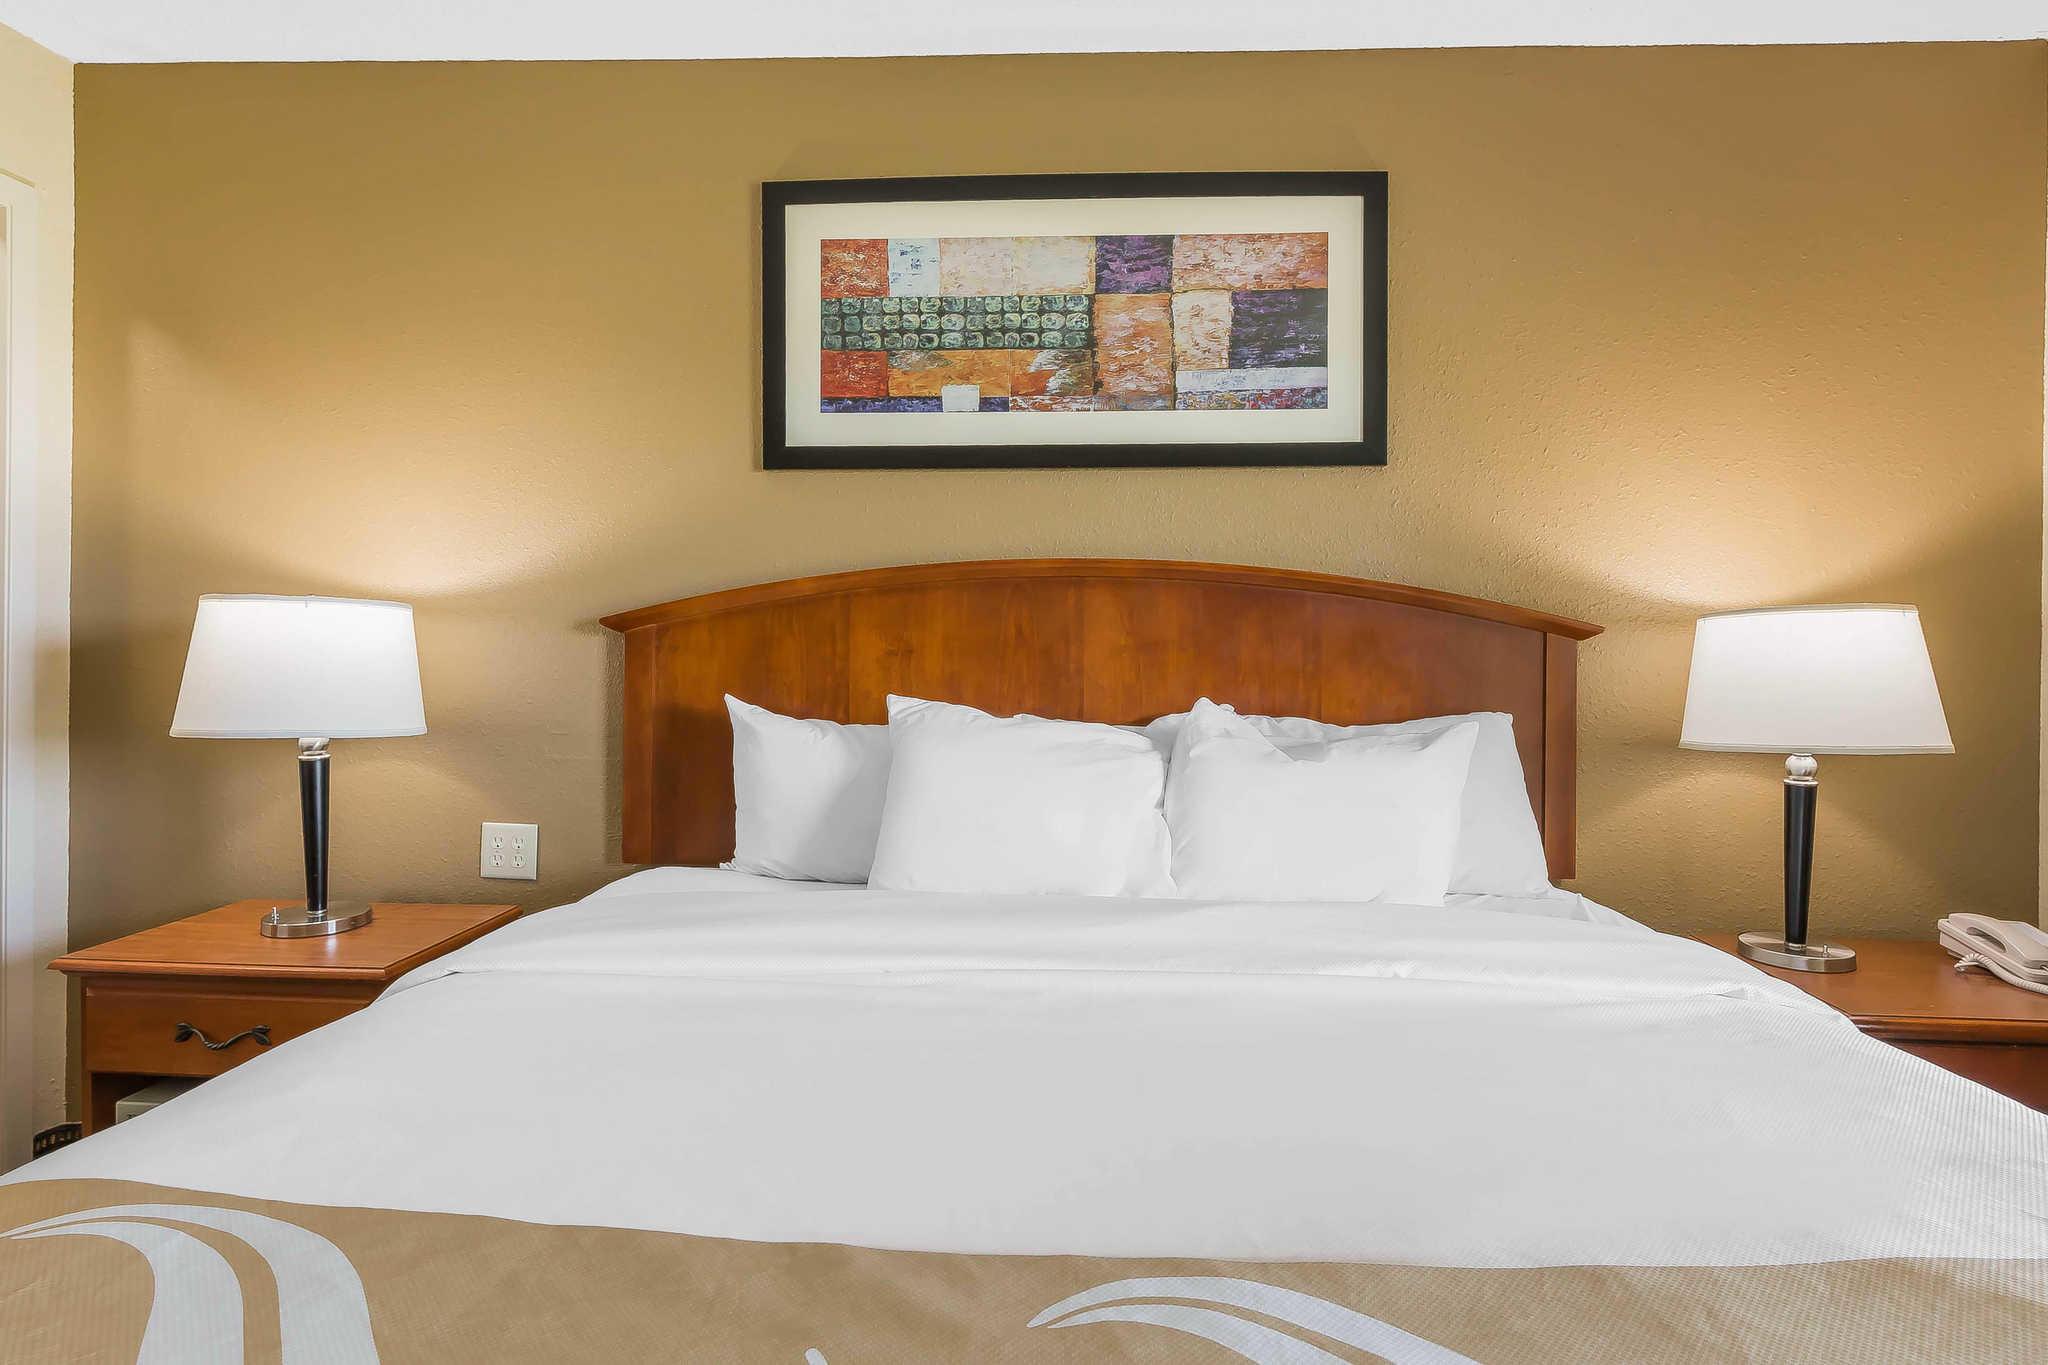 Quality Inn & Suites River Suites image 15